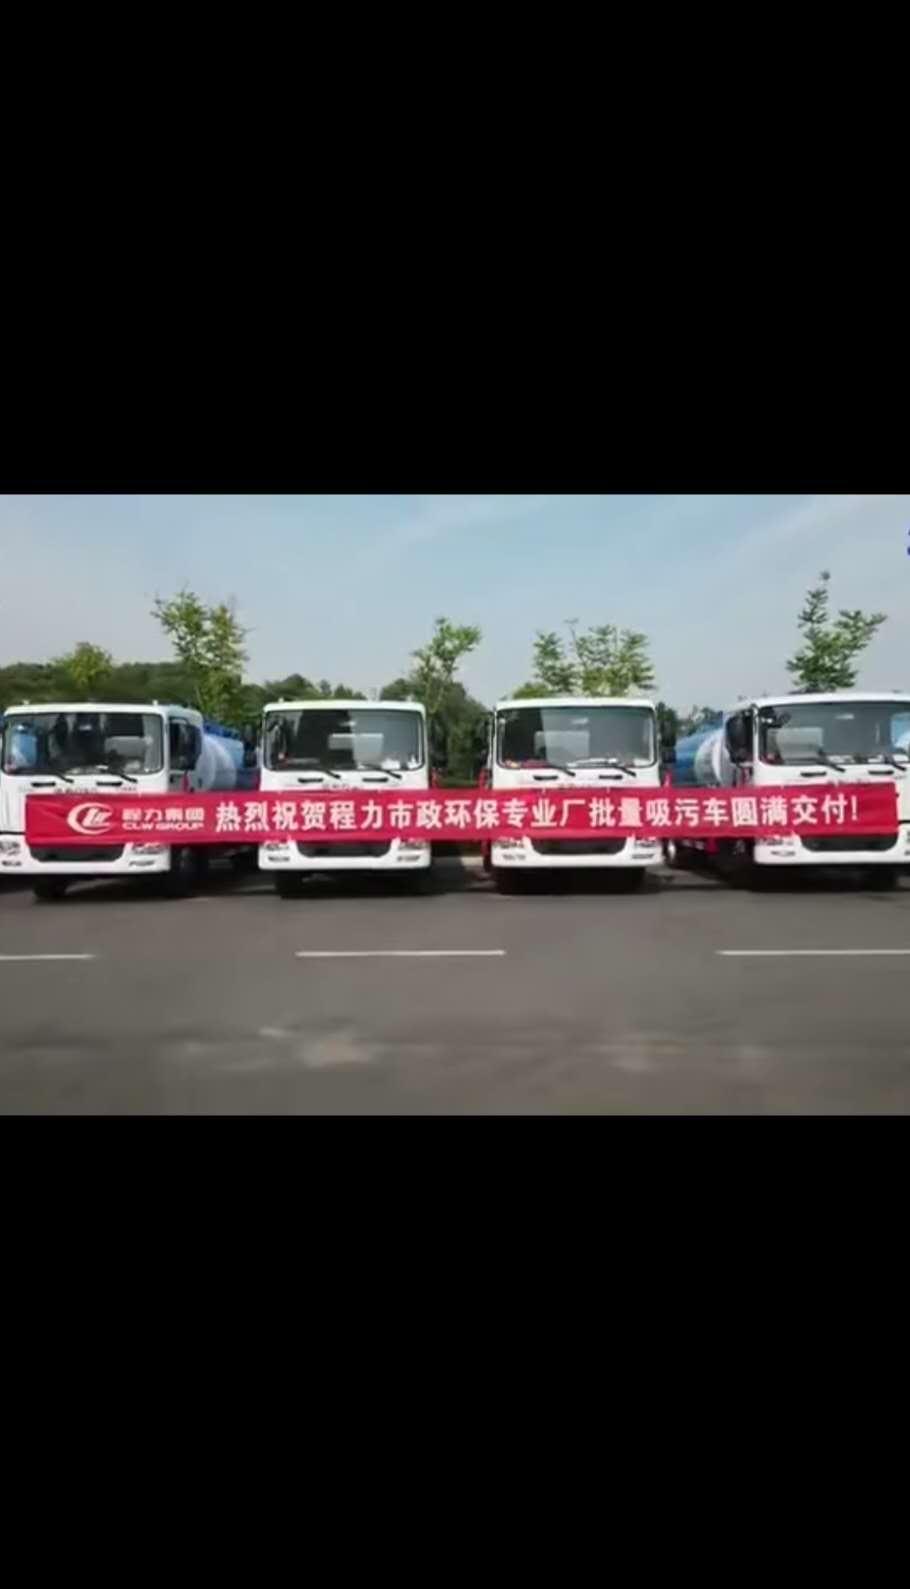 程力吸污車,25臺吸污車發往廣東 相信品牌的力量視頻